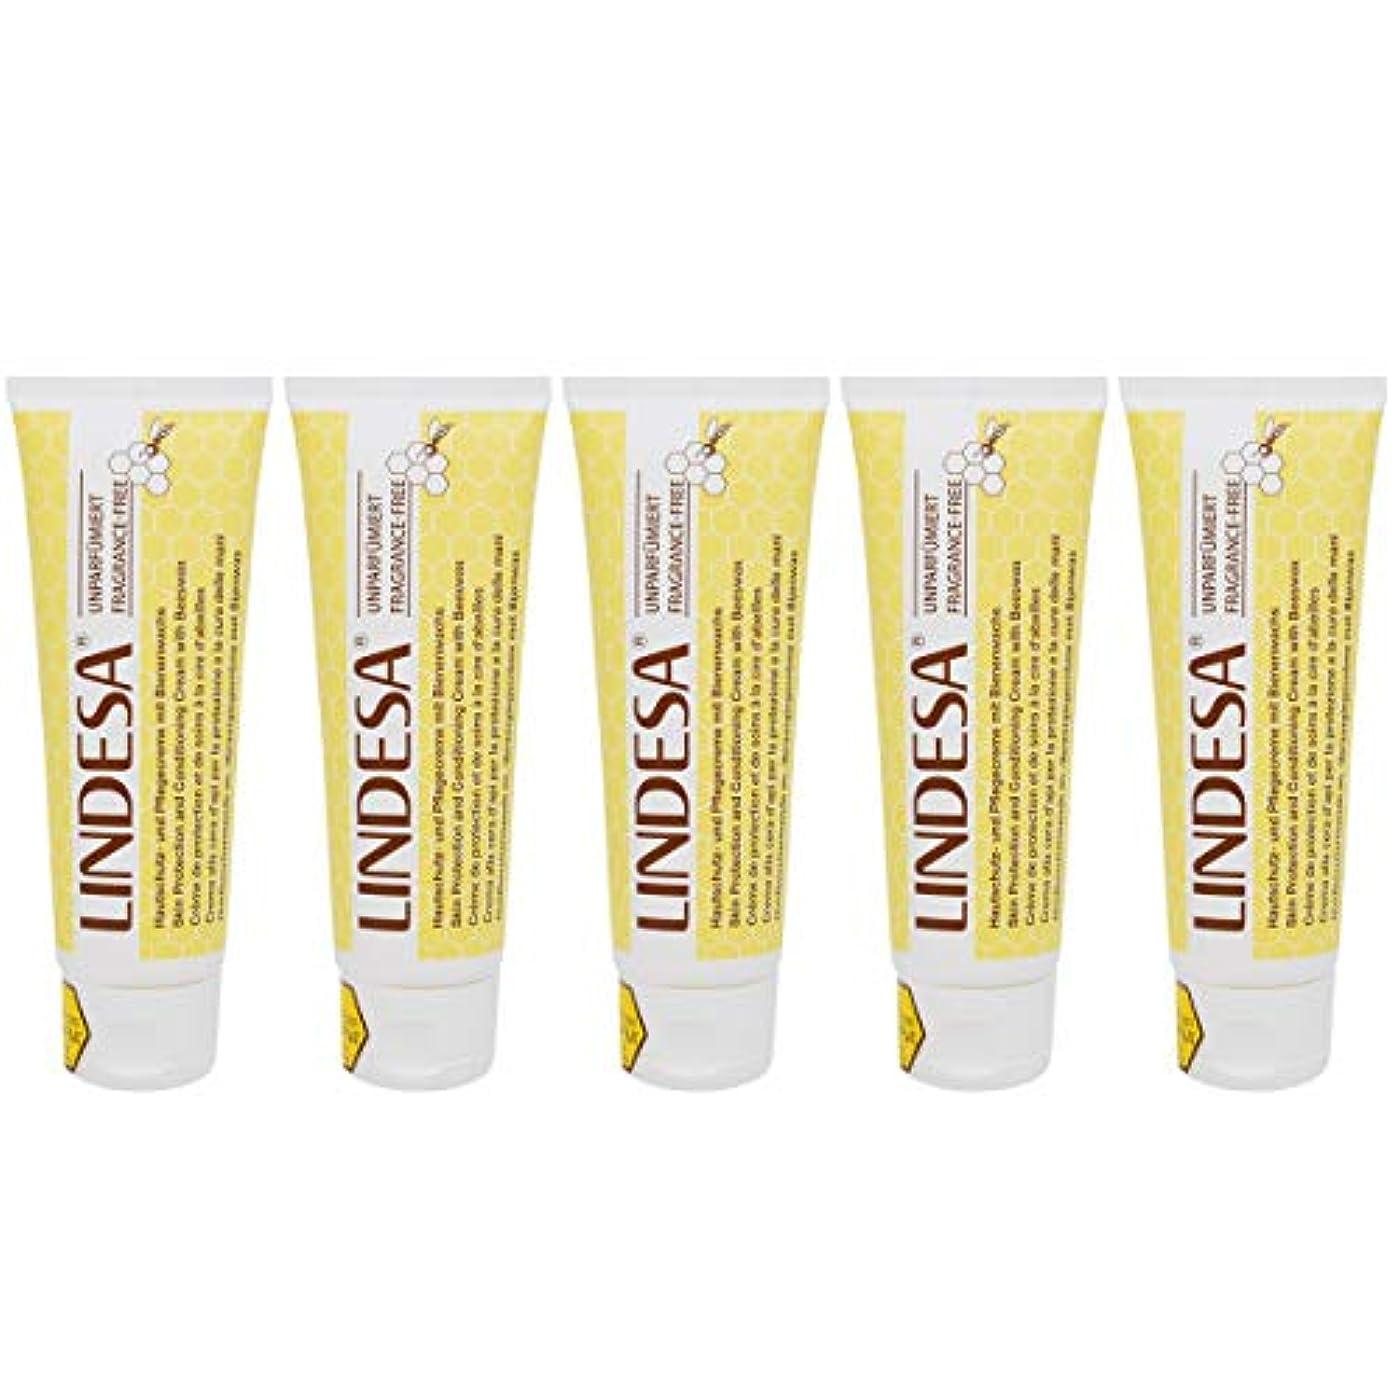 ふける耐える昼間LINDESA リンデザ ハンド&スキンケアクリーム 無香料タイプ 75ml 日本国内正規品 5本セット